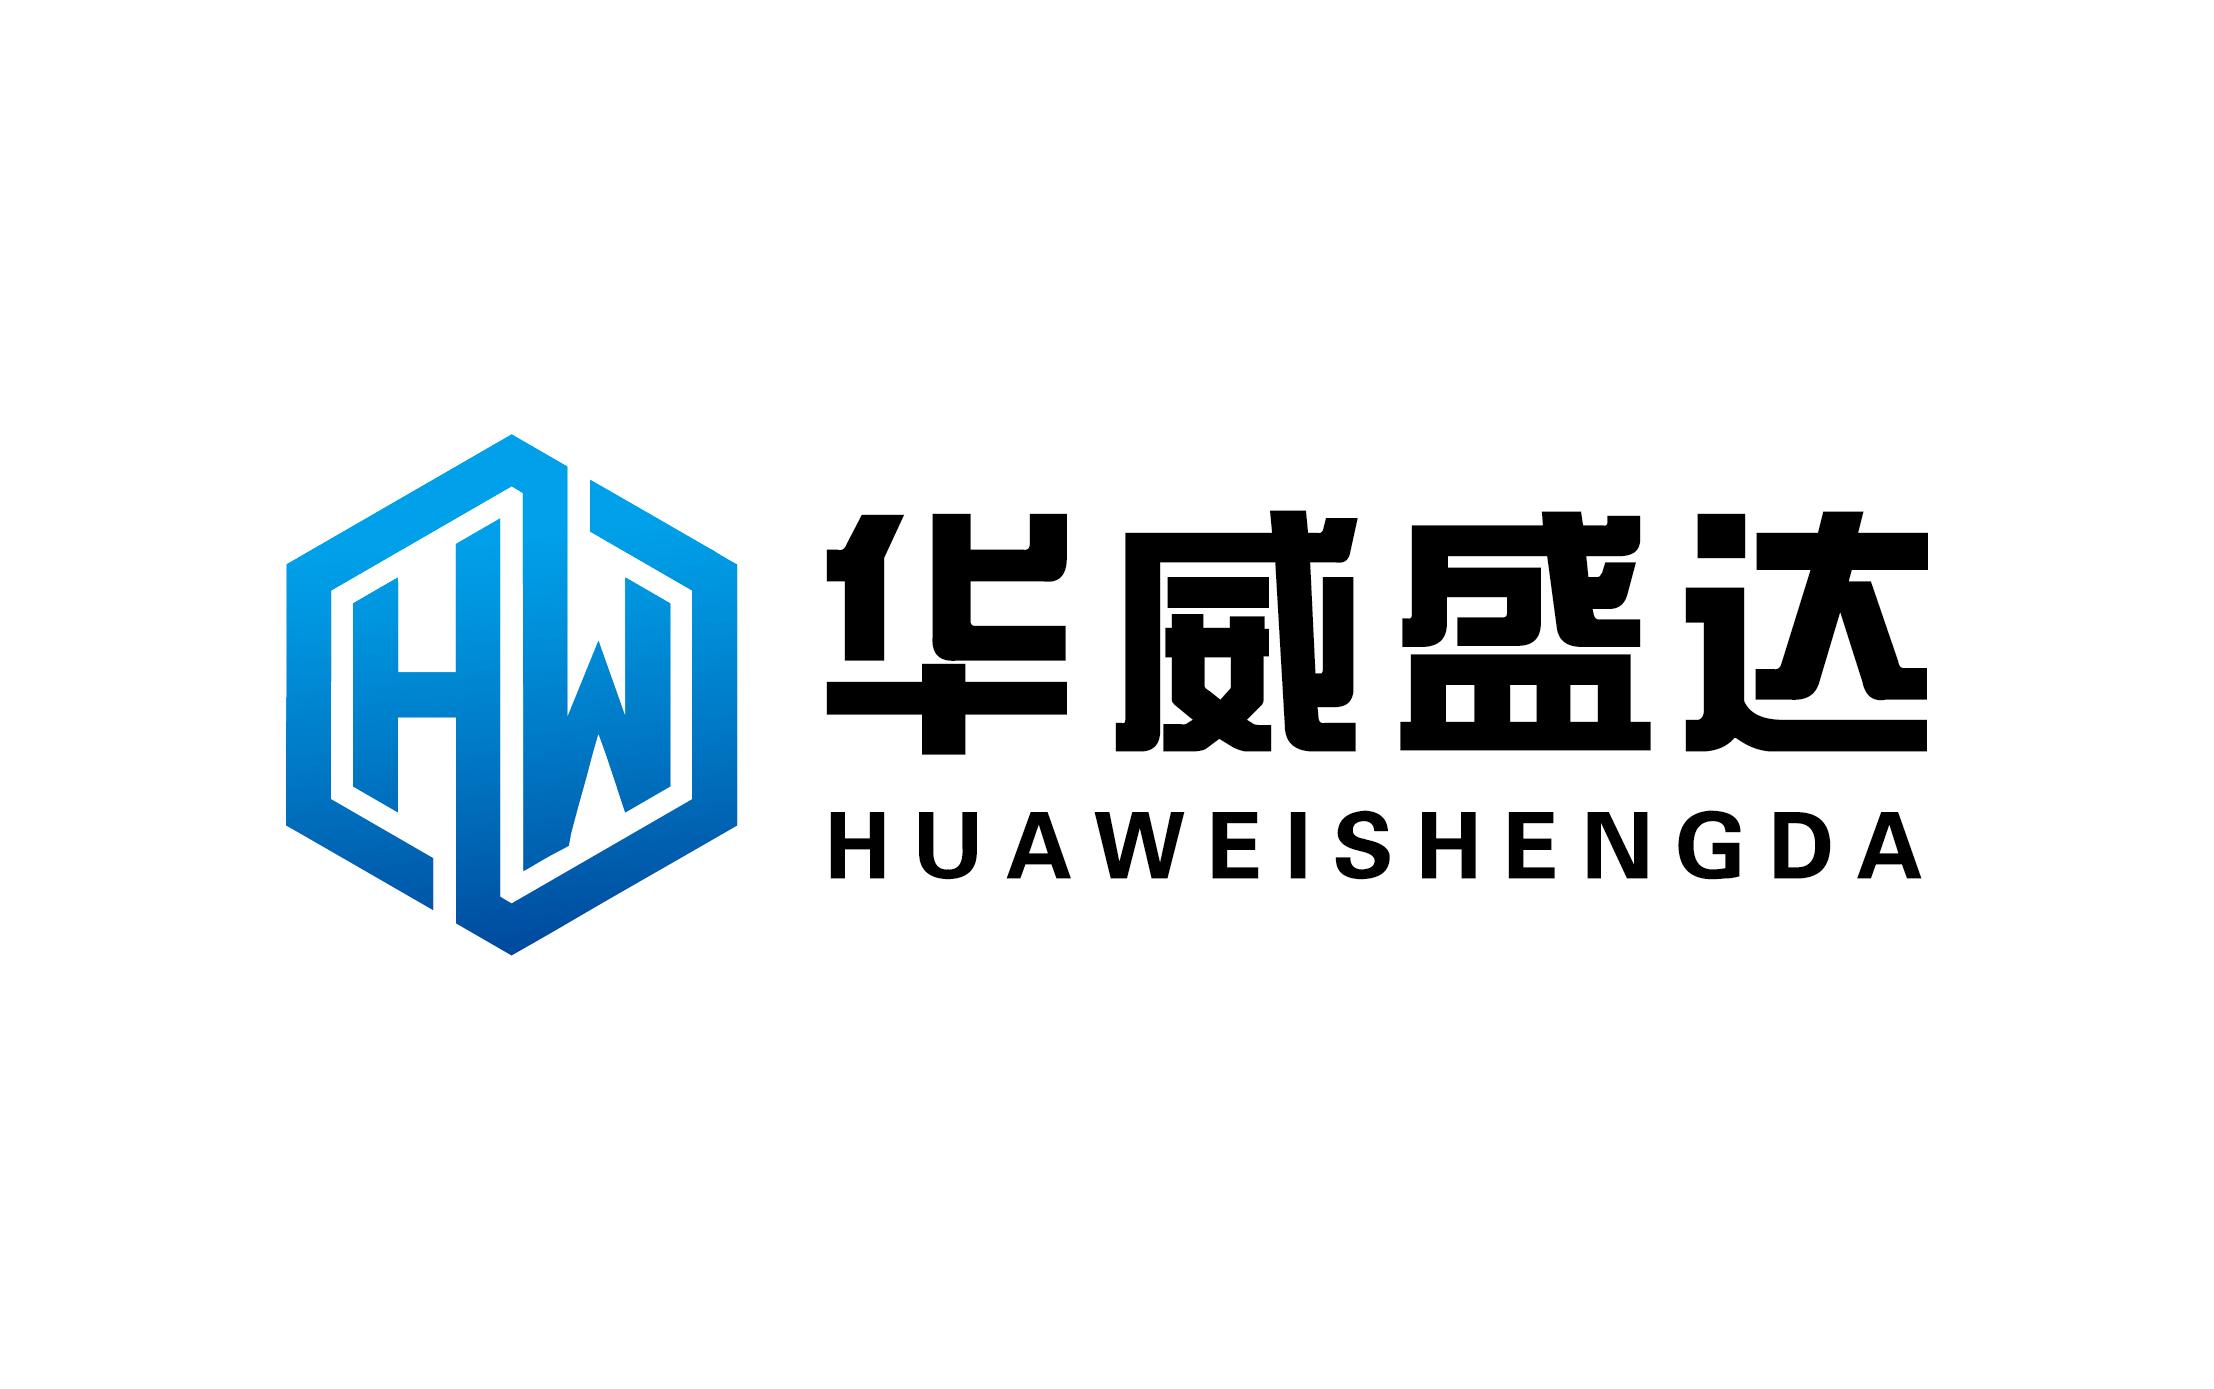 北京華威盛達科技有限公司